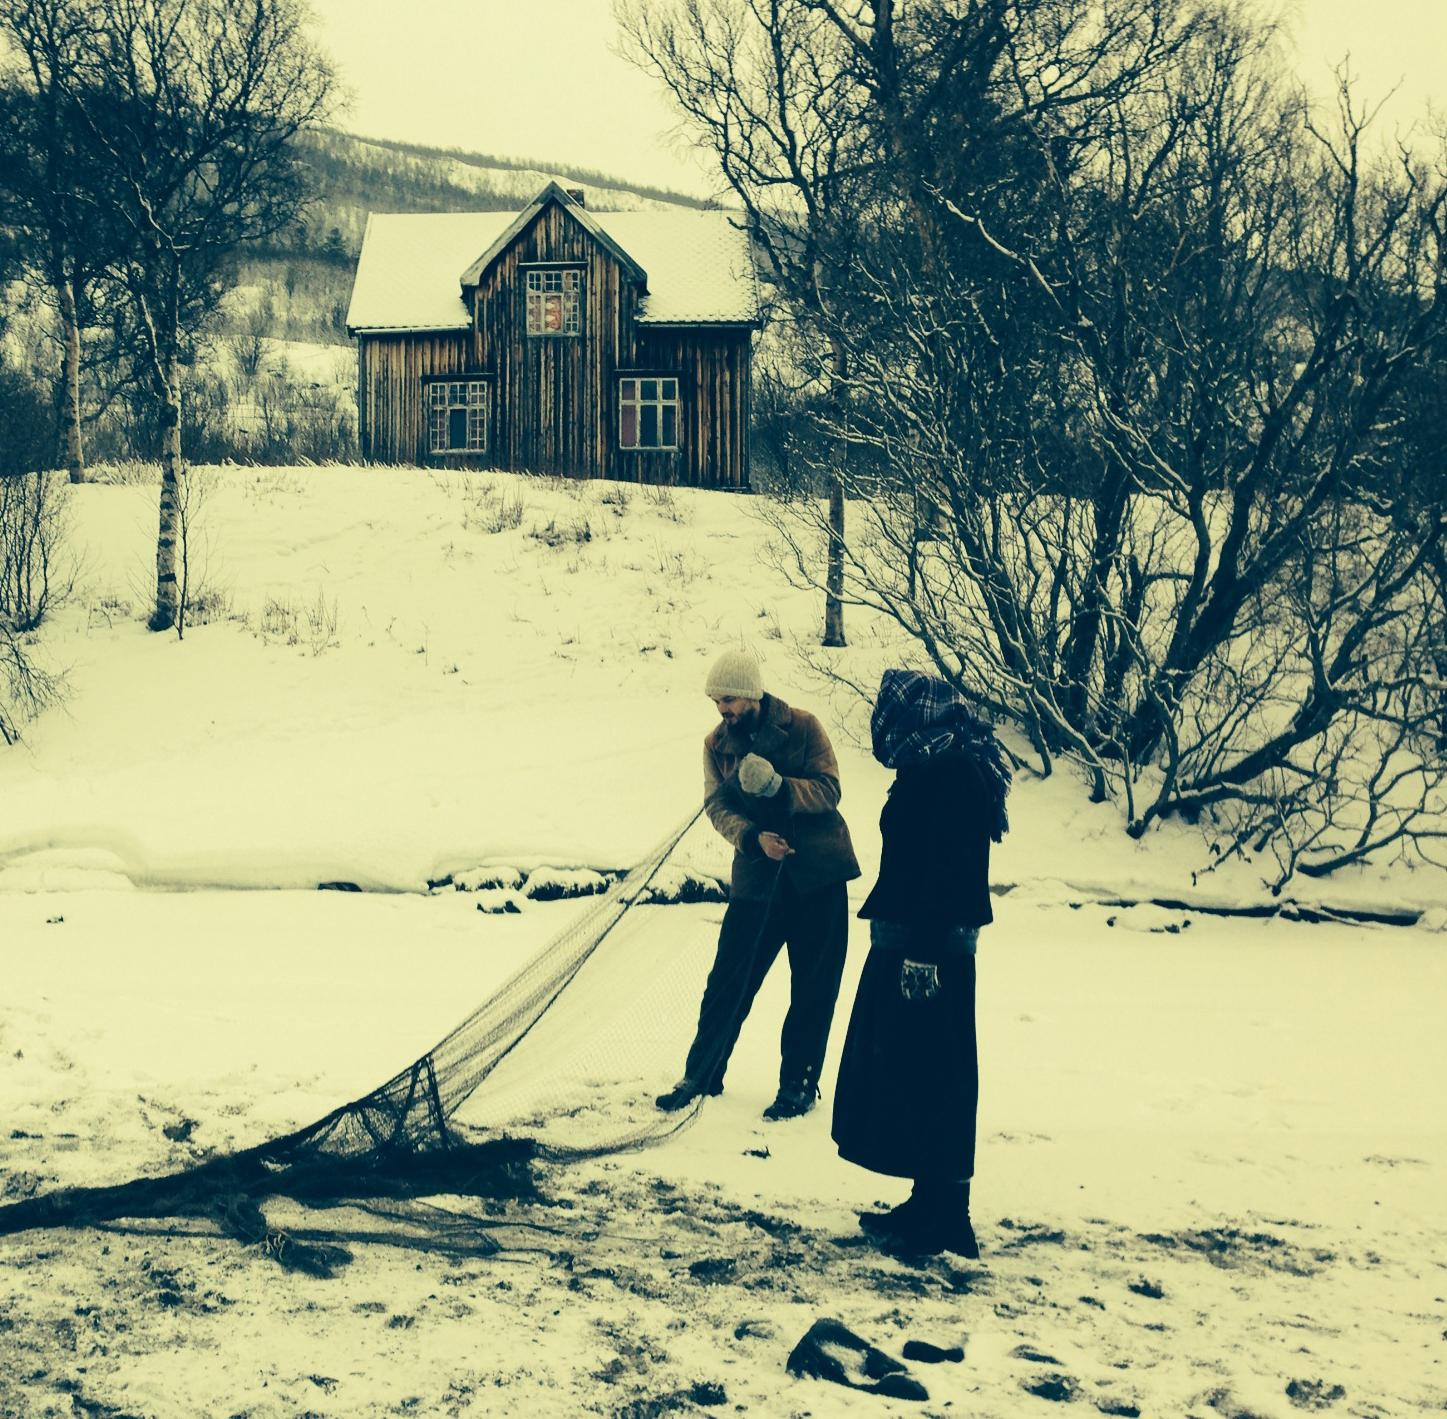 Fra innspillingen av Oktav. Skuespillere Ørjan Steinsvik og Agnete Båtnes Braaten. Foto: Inger Birkelund